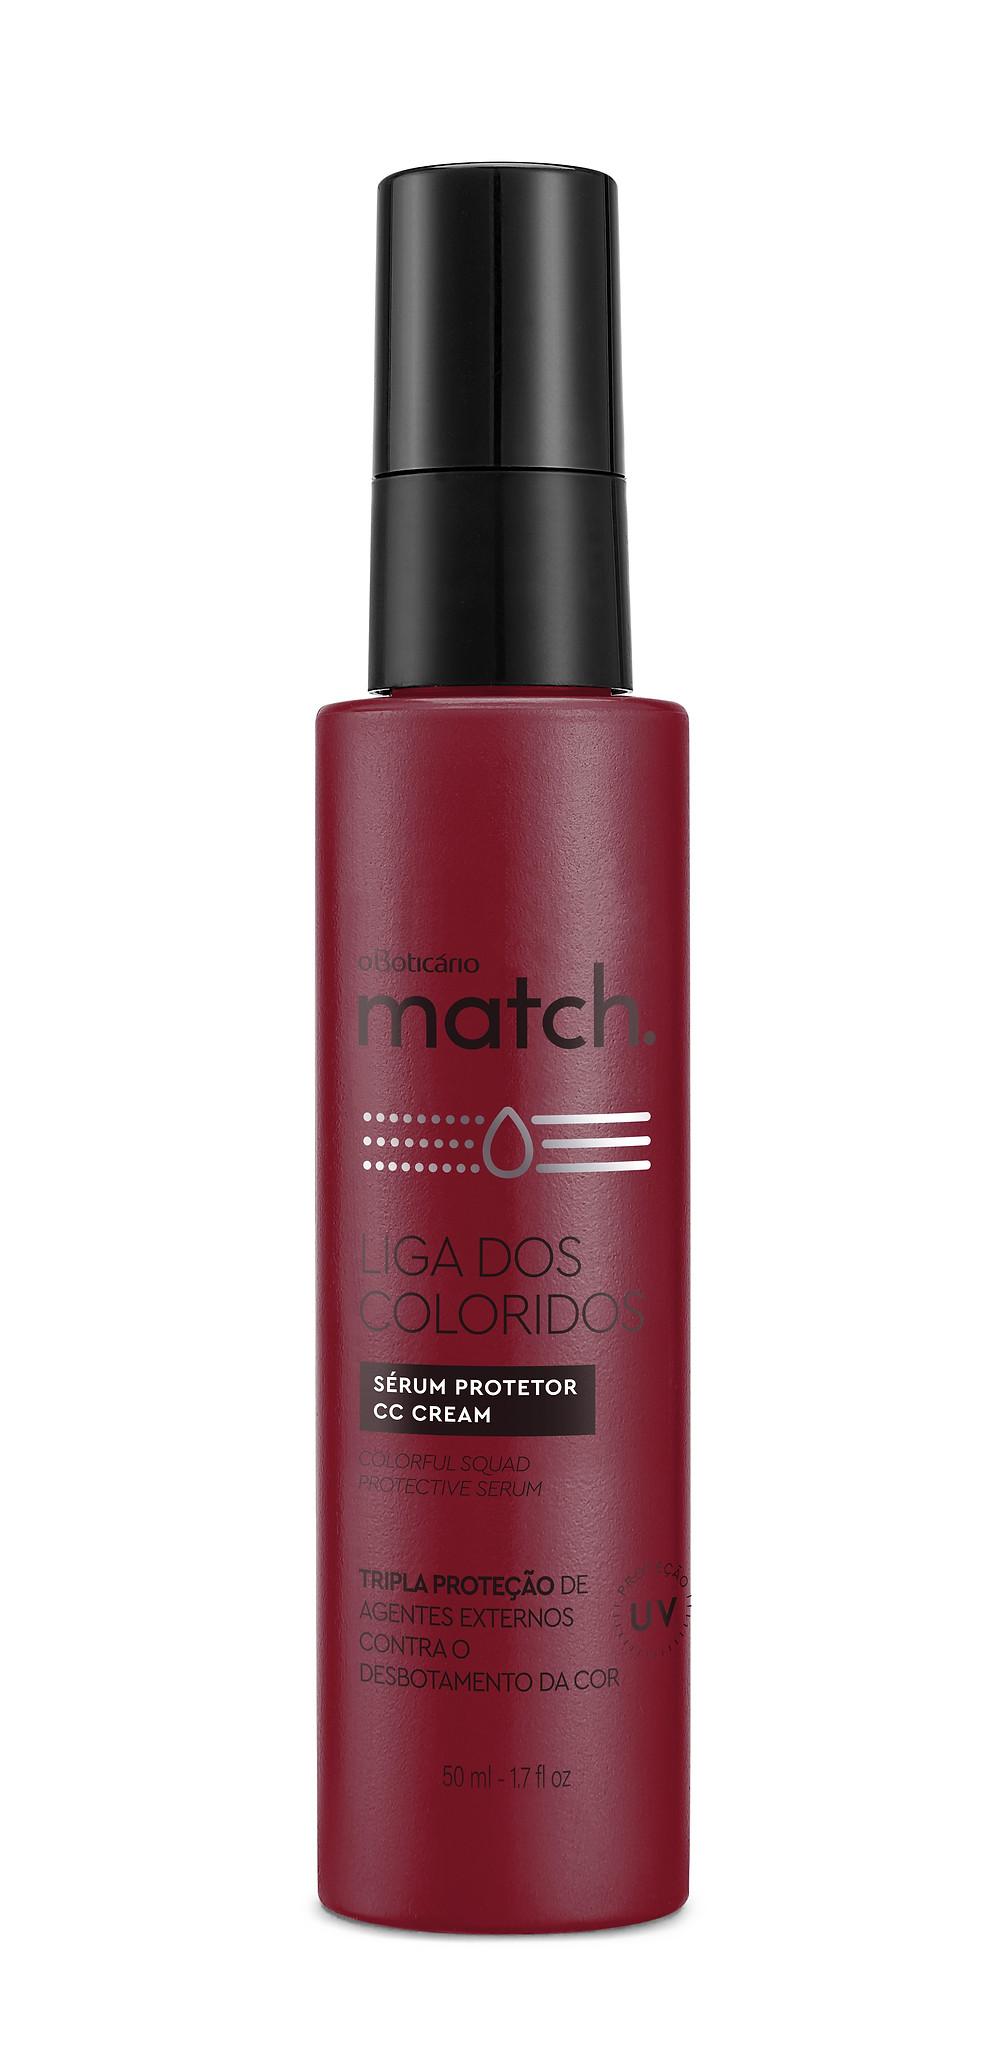 Match Liga dos Coloridos Sérum Protetor CC Cream, 50 ml Preço sugerido: R$ 59,90